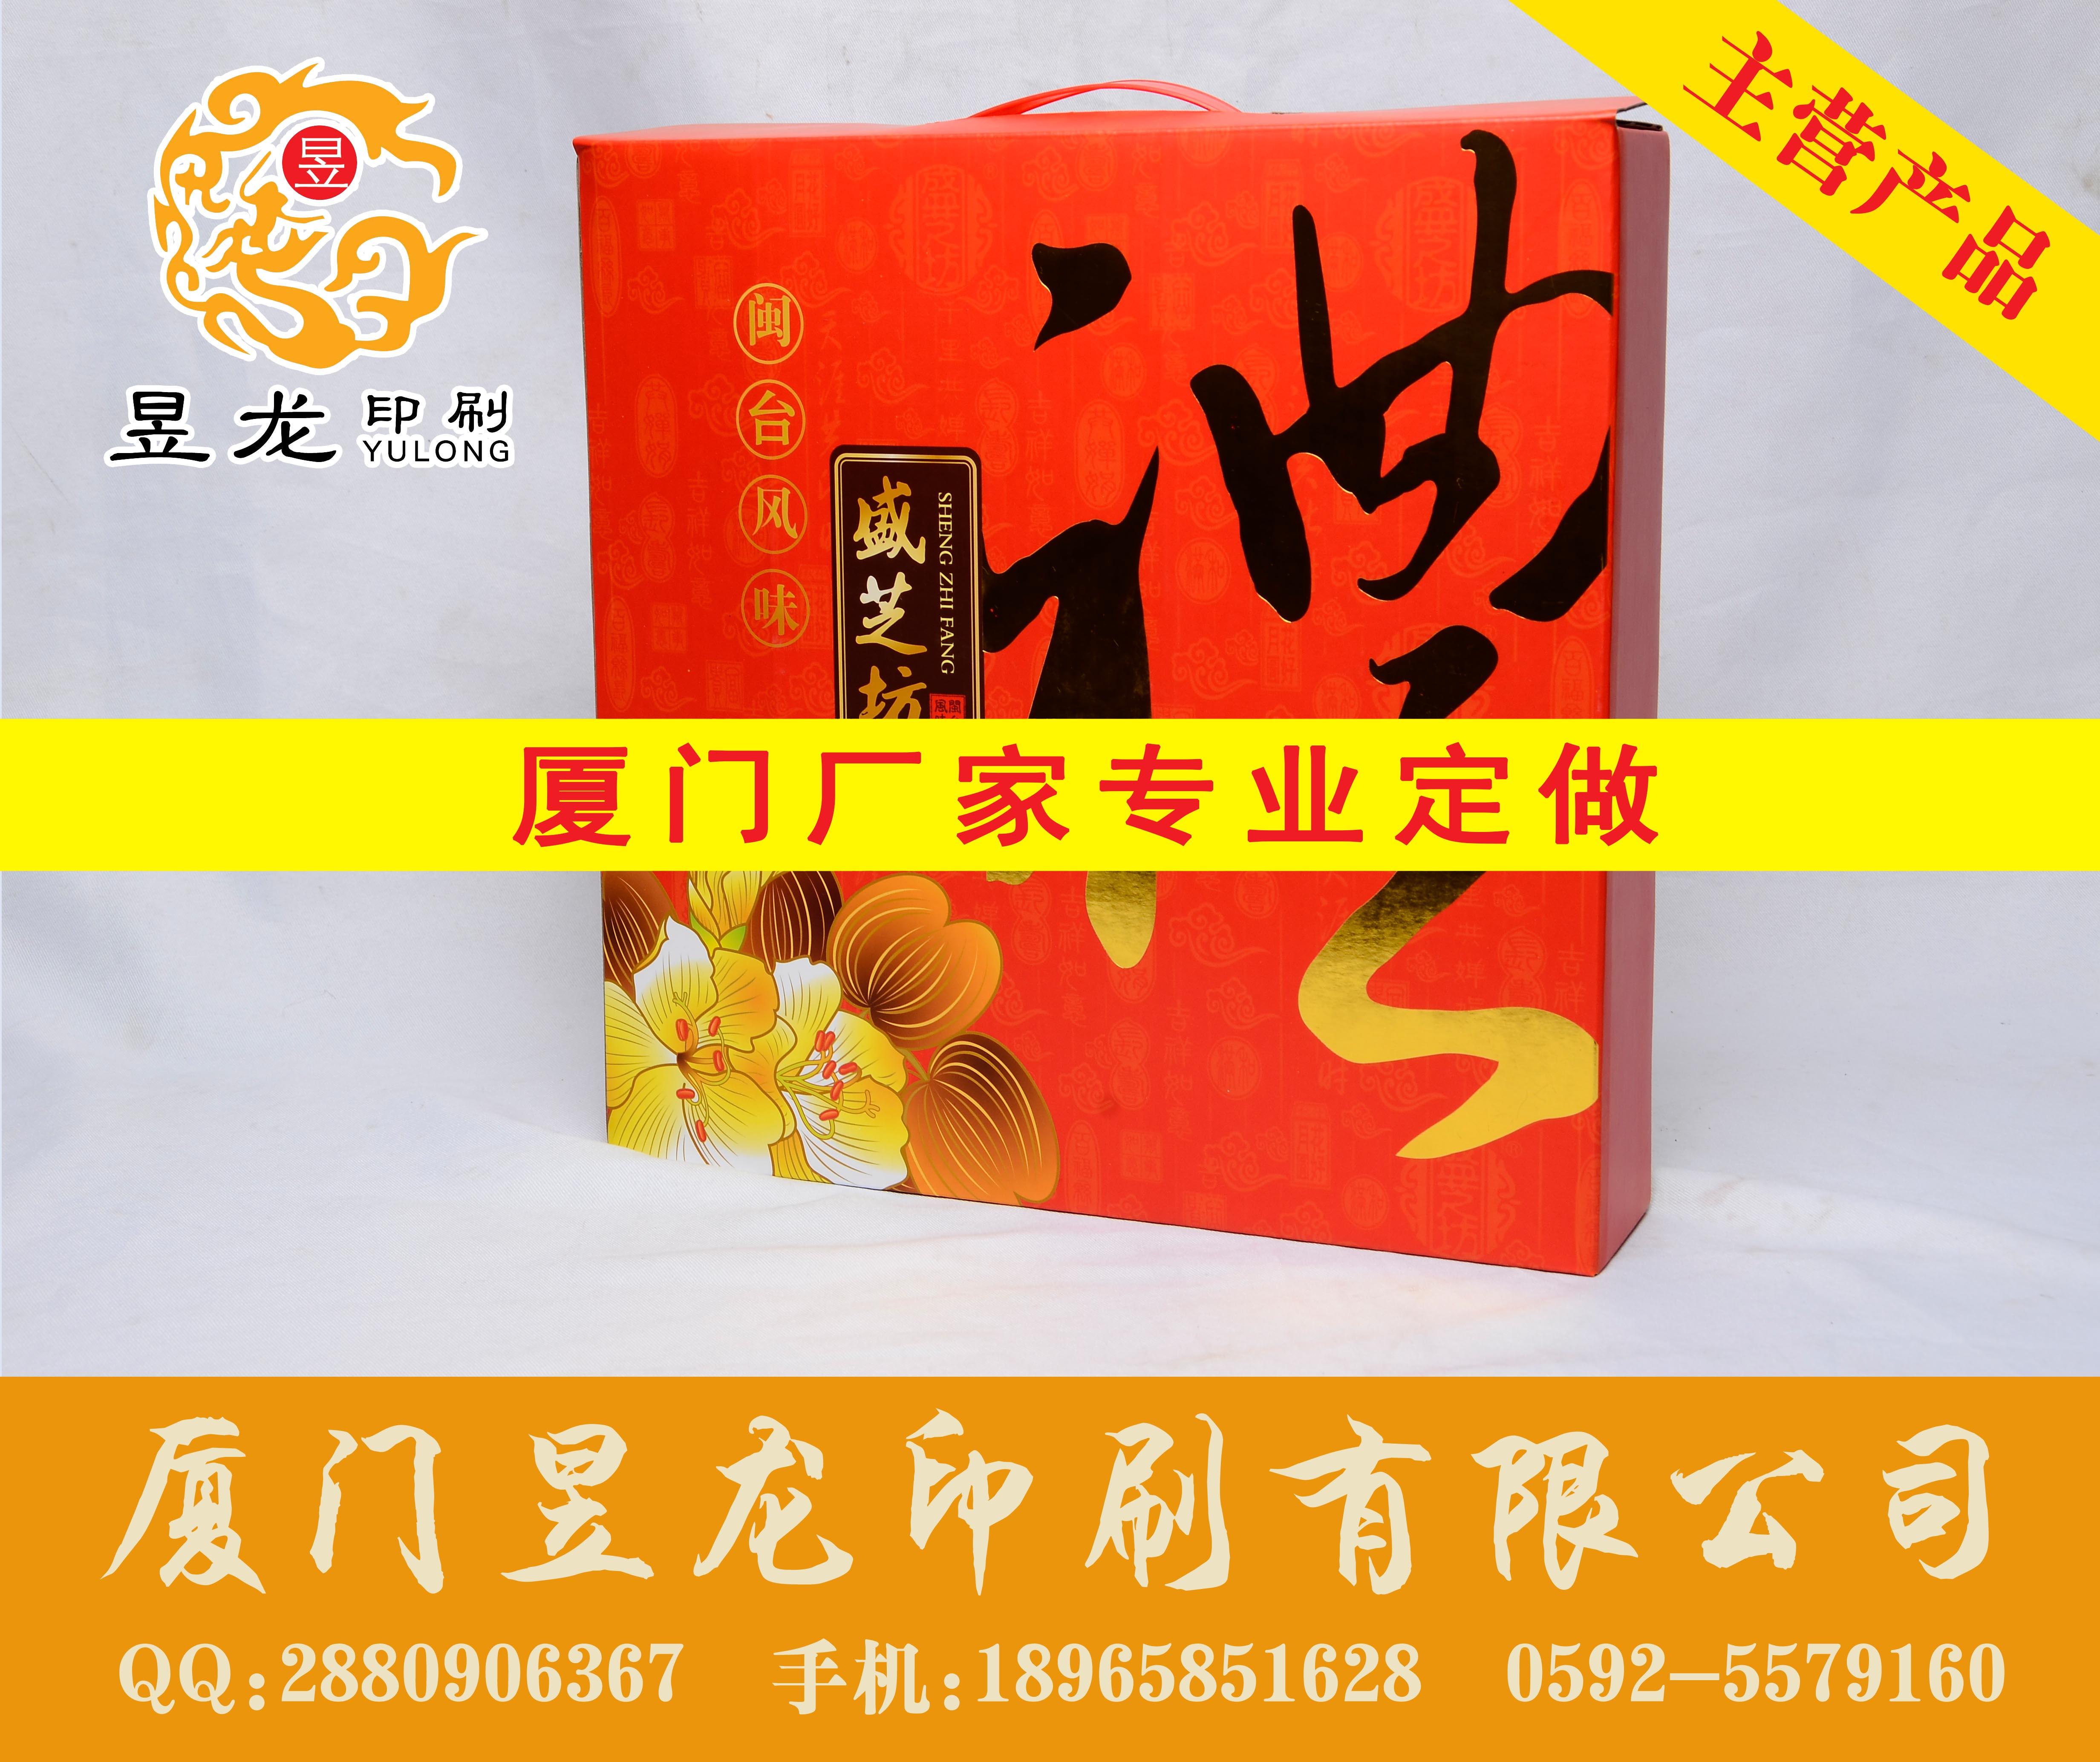 哪里买的礼品包装盒  包装◇盒印刷厂商